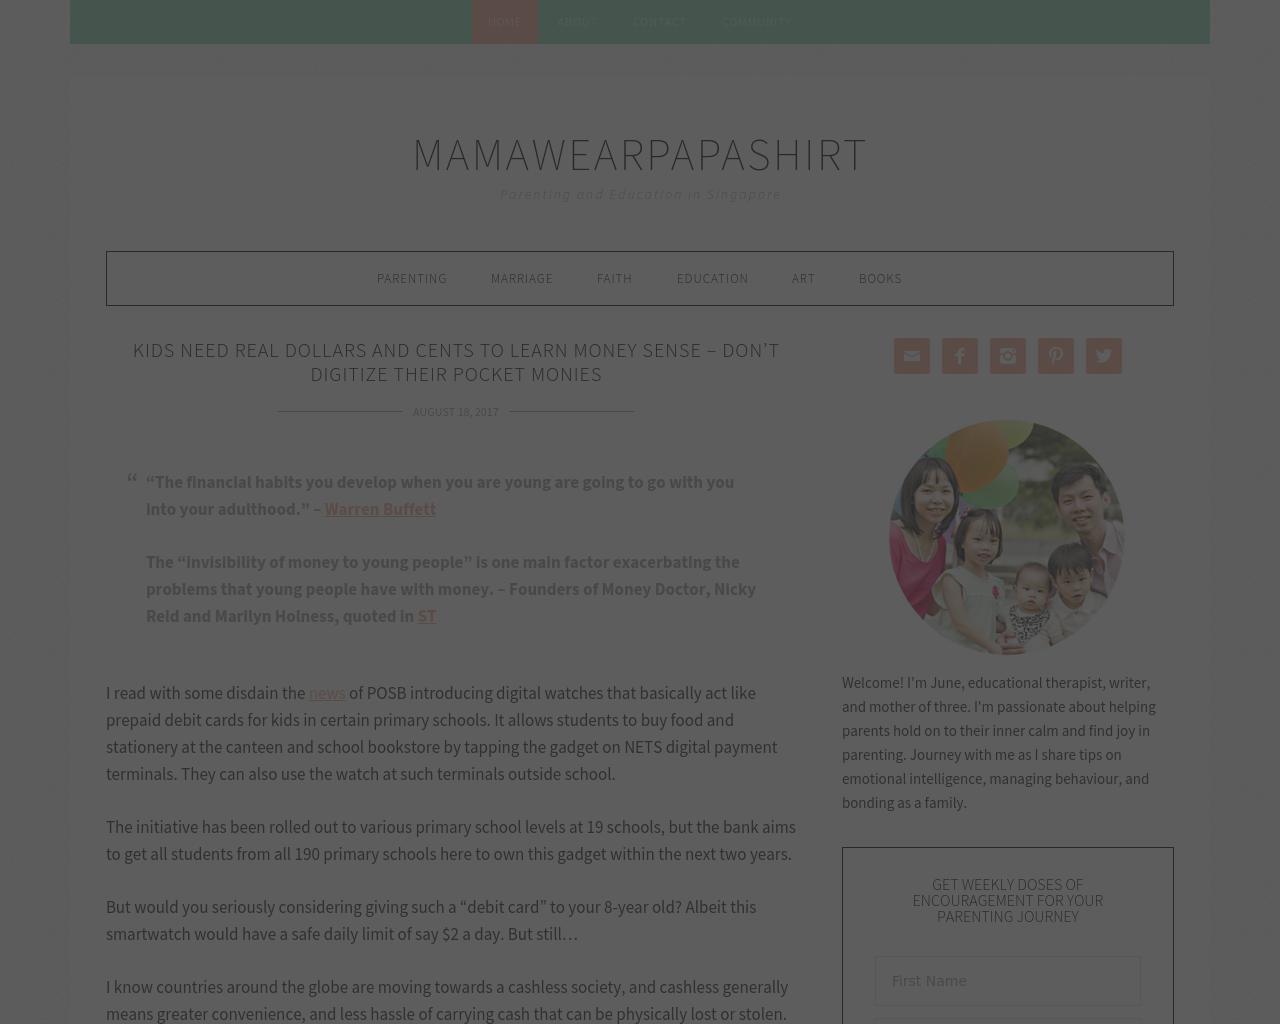 Mama-wear-Papa-shirt-Advertising-Reviews-Pricing